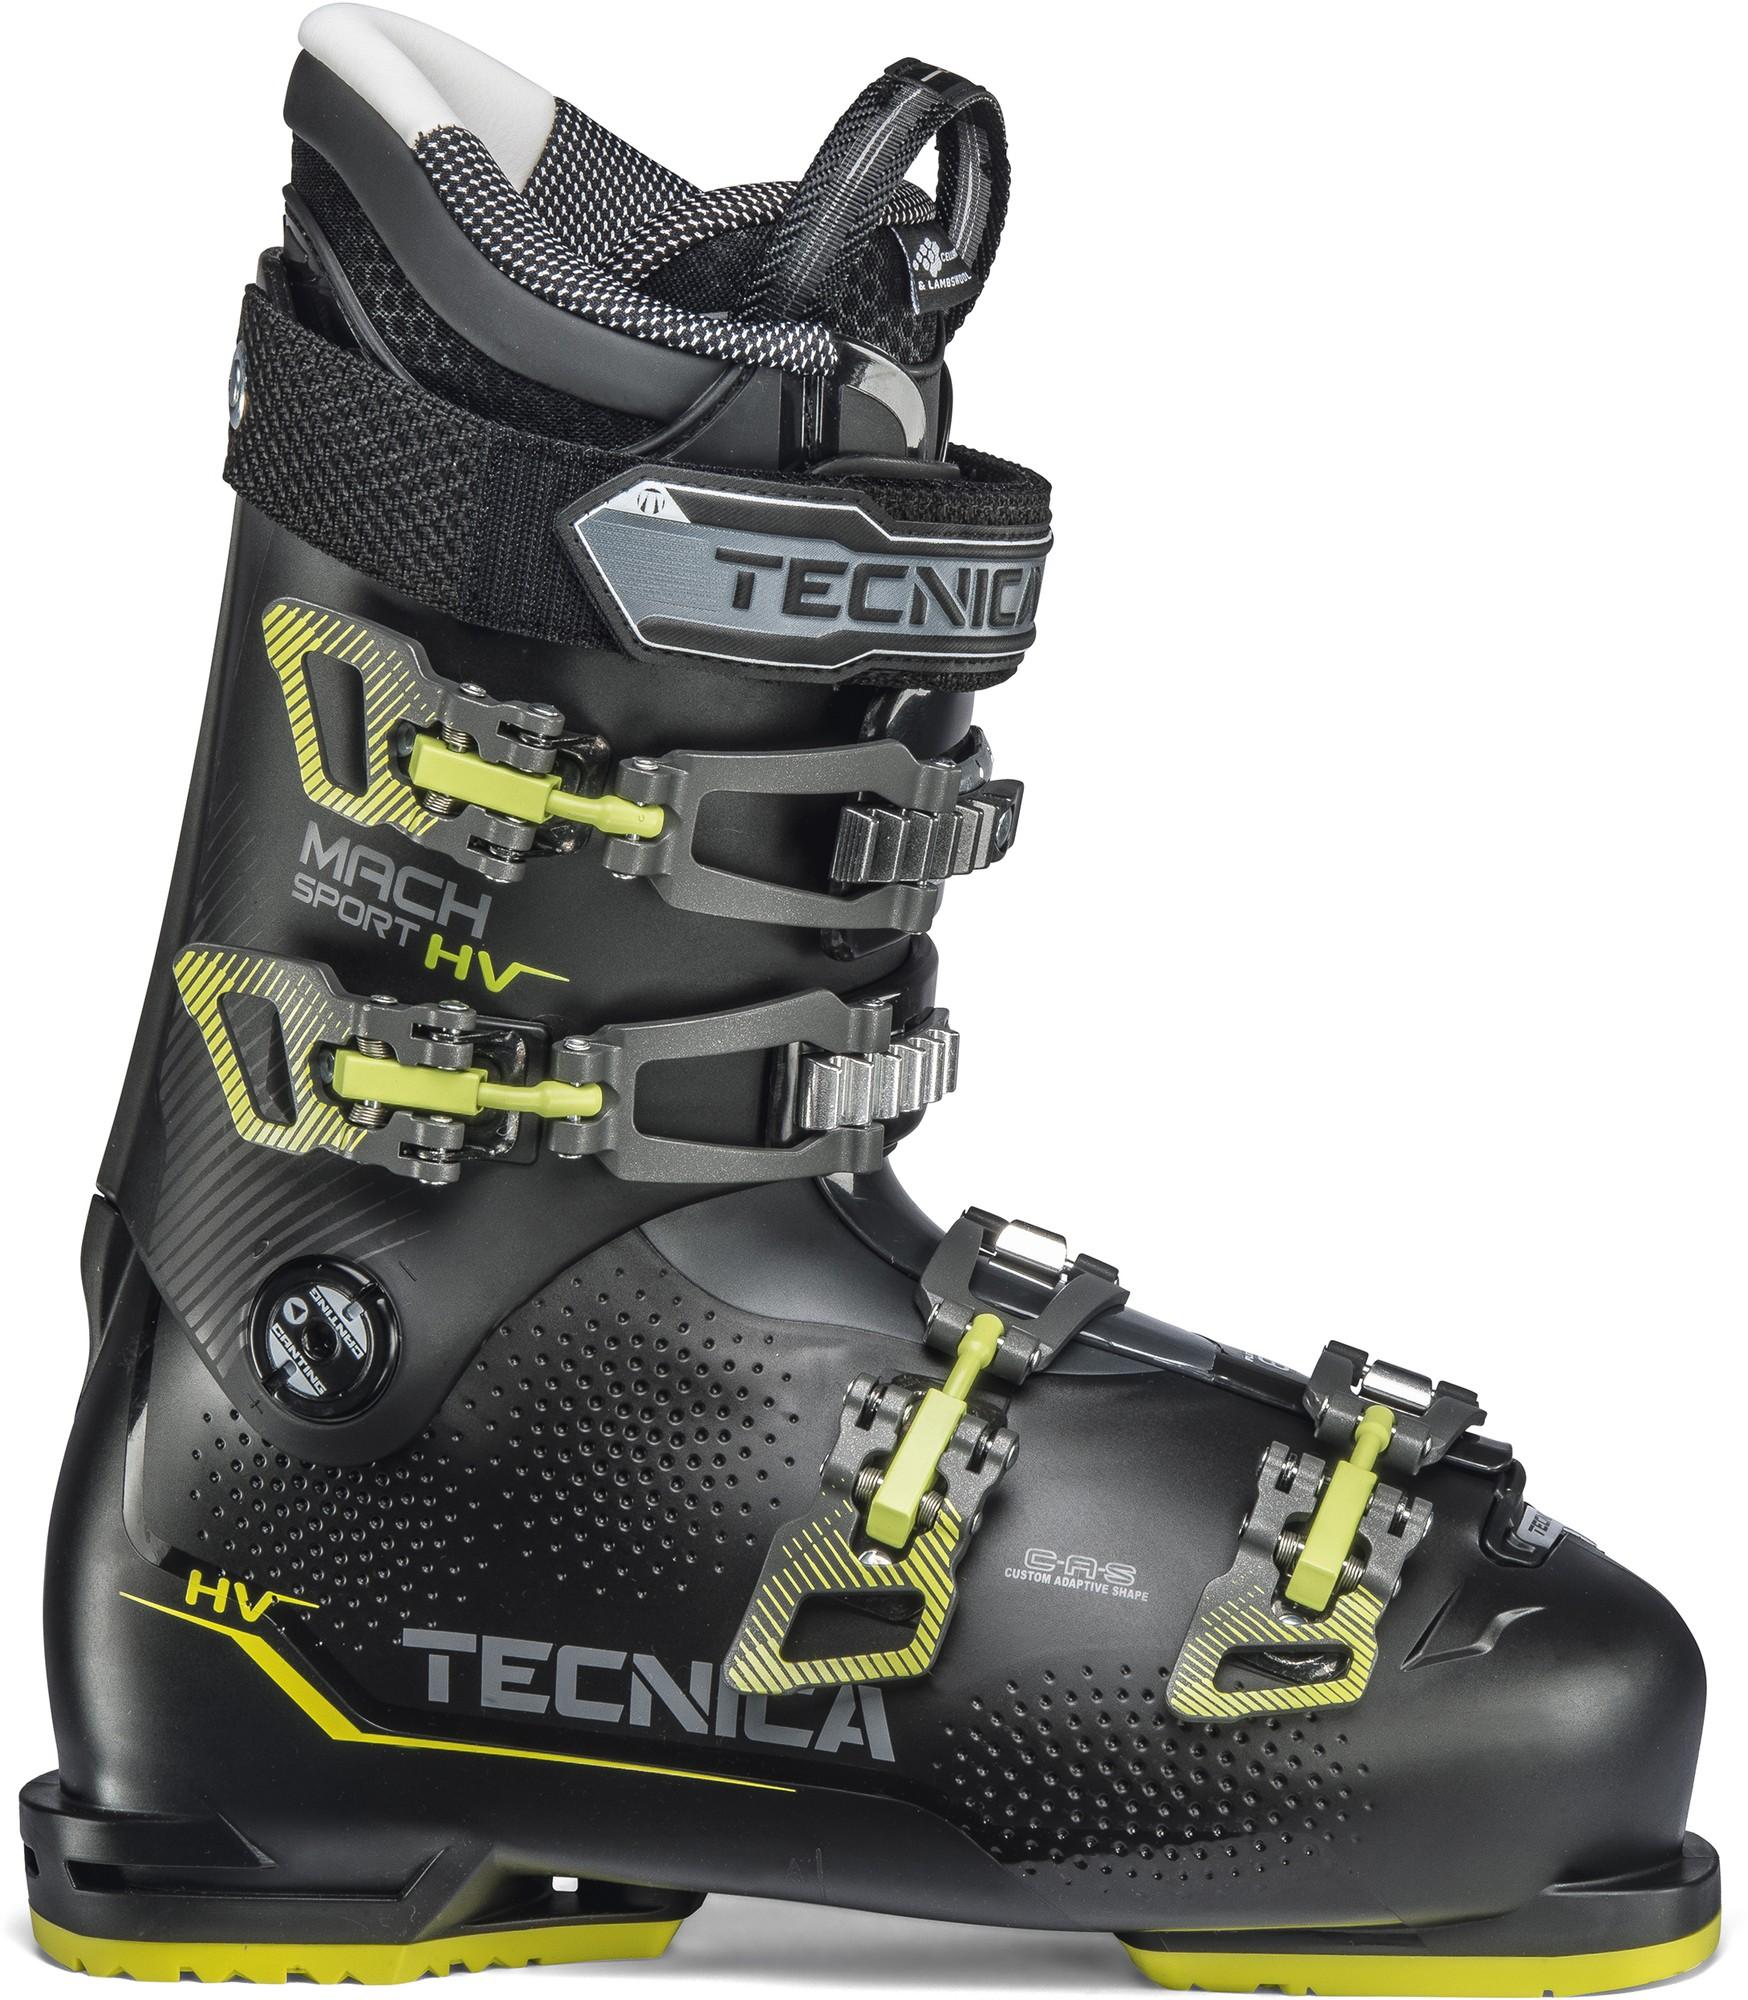 Tecnica Ботинки горнолыжные MACH SPORT HV 80, размер 30 см